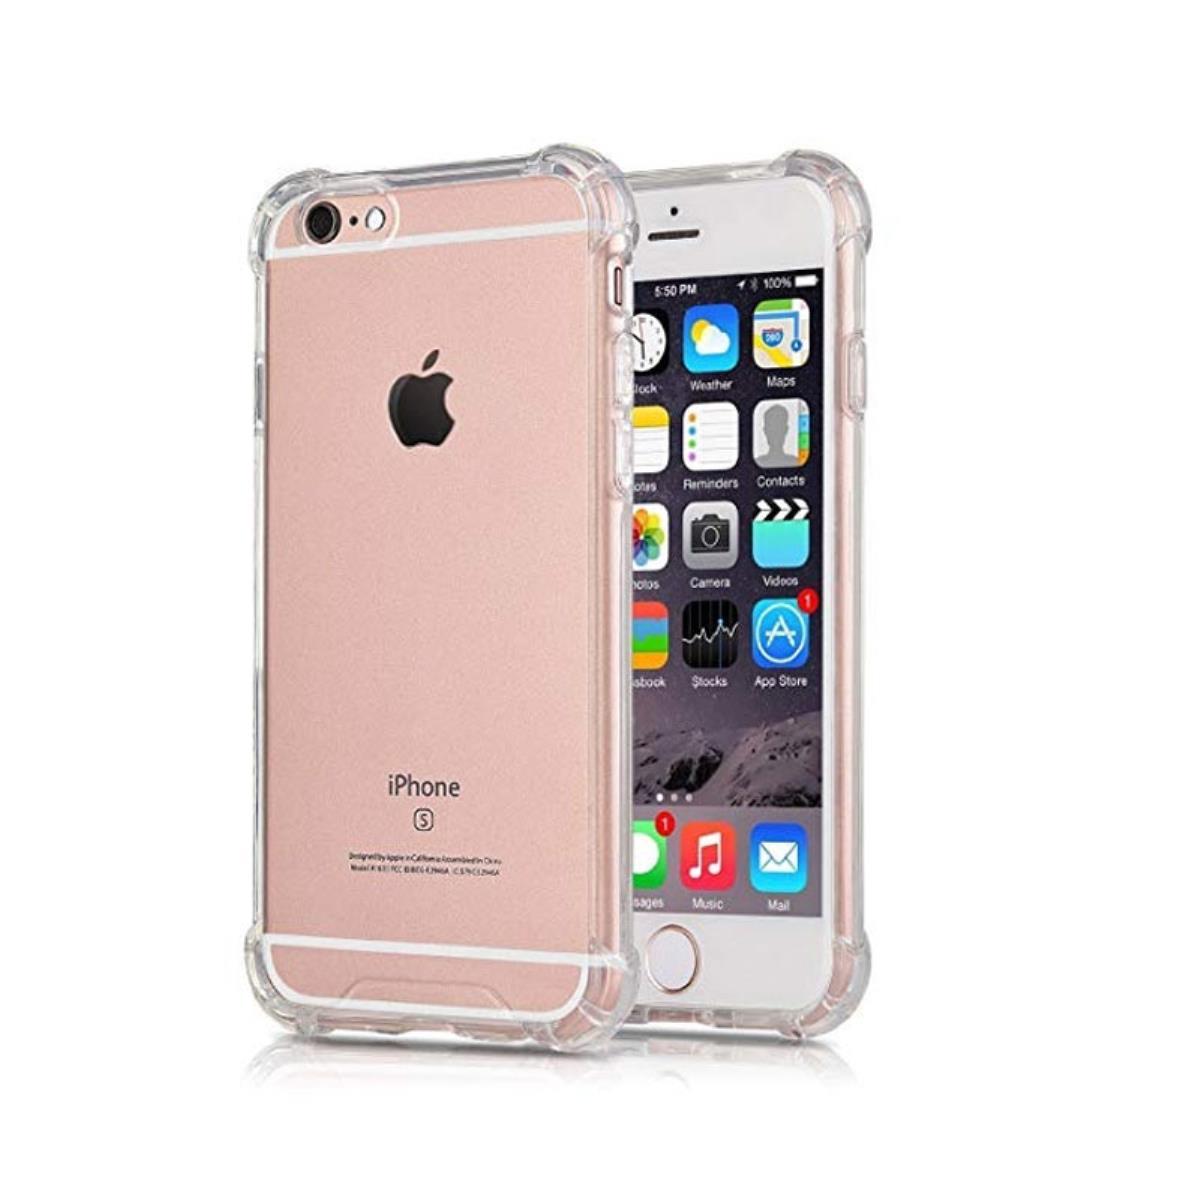 decf1cb869c Compre online Funda Silicona iPhone 6S Plus Transparente (Roar Anti-Choque)